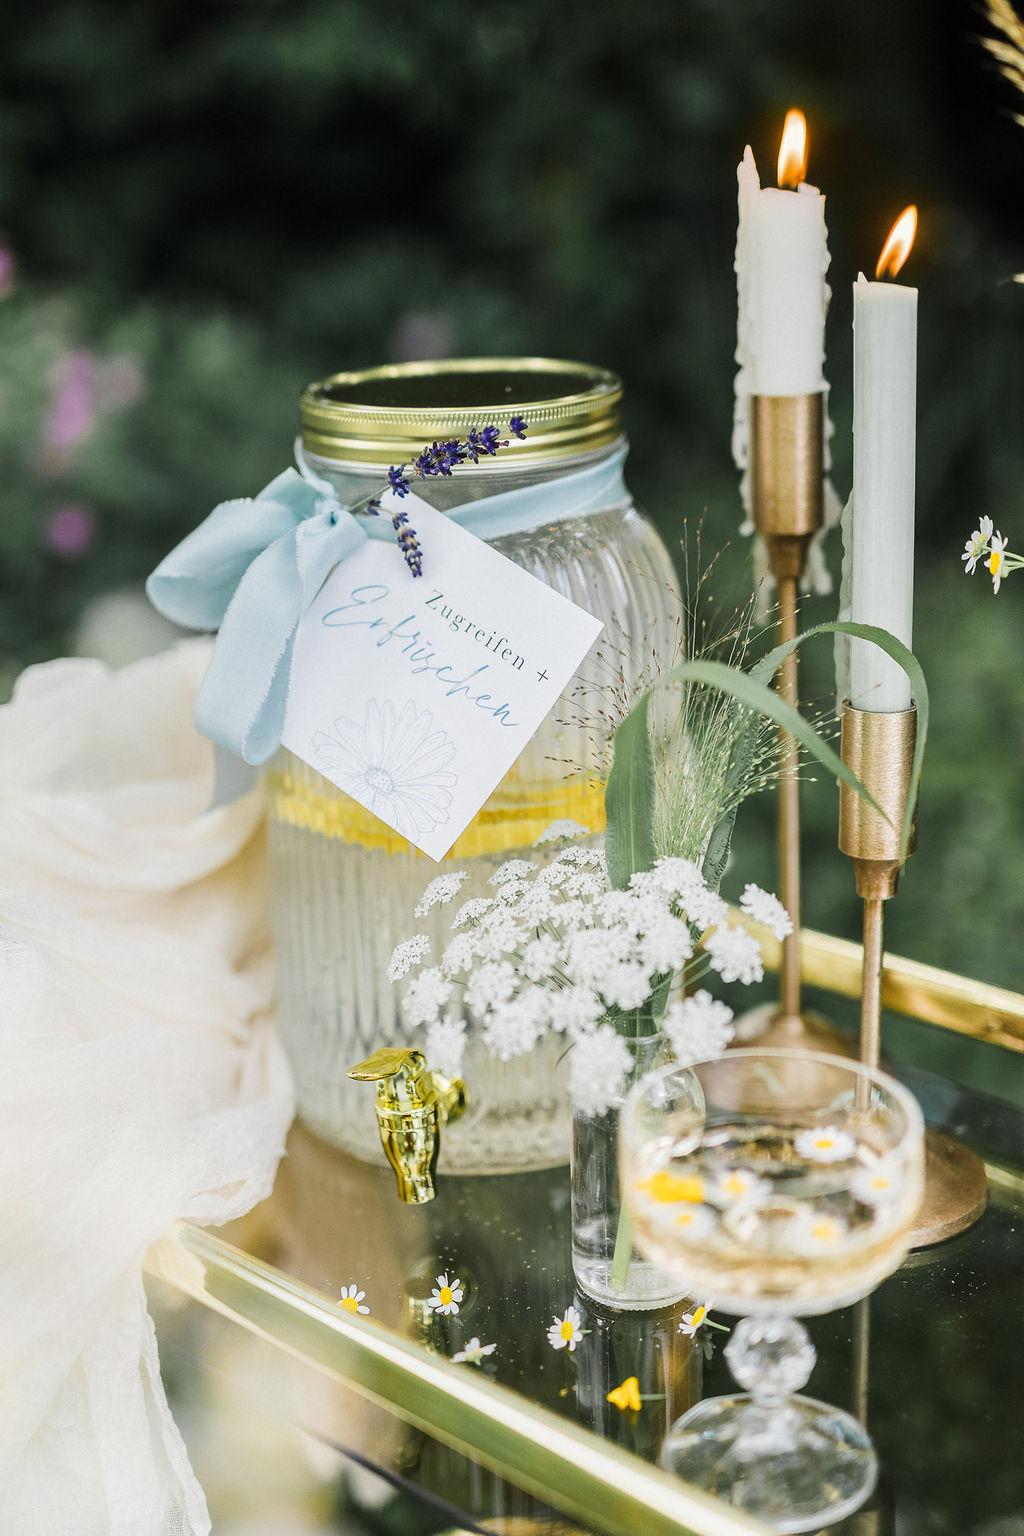 Getränkebar, Hochzeit im eigenen Garten, Gartenhochzeit, nachhaltig heiraten, Heiraten zu Hause, Corona Hochzeit, Outdoor Hochzeit, Tiny Wedding, Wiesenblumen, Boho